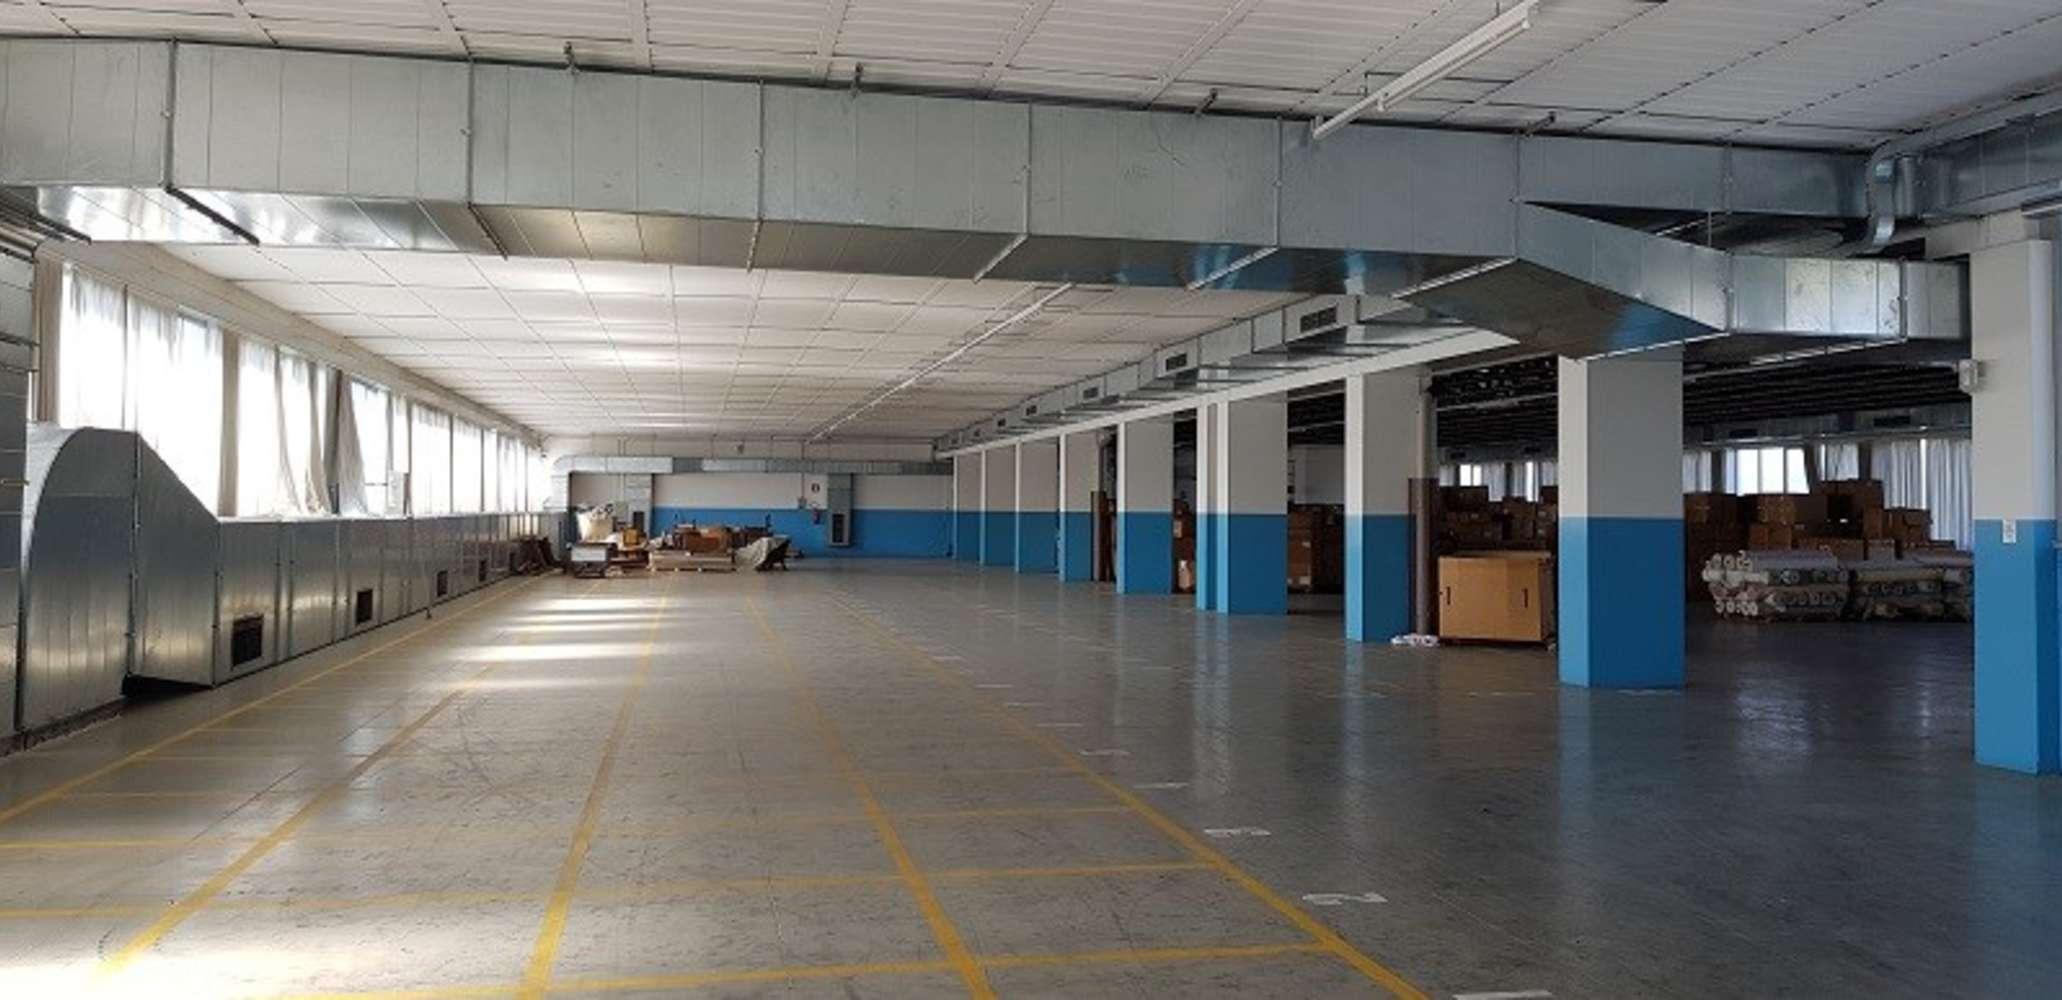 Magazzini industriali e logistici Capiago intimiano, 22070 - Capiago Intimiano - 9922495